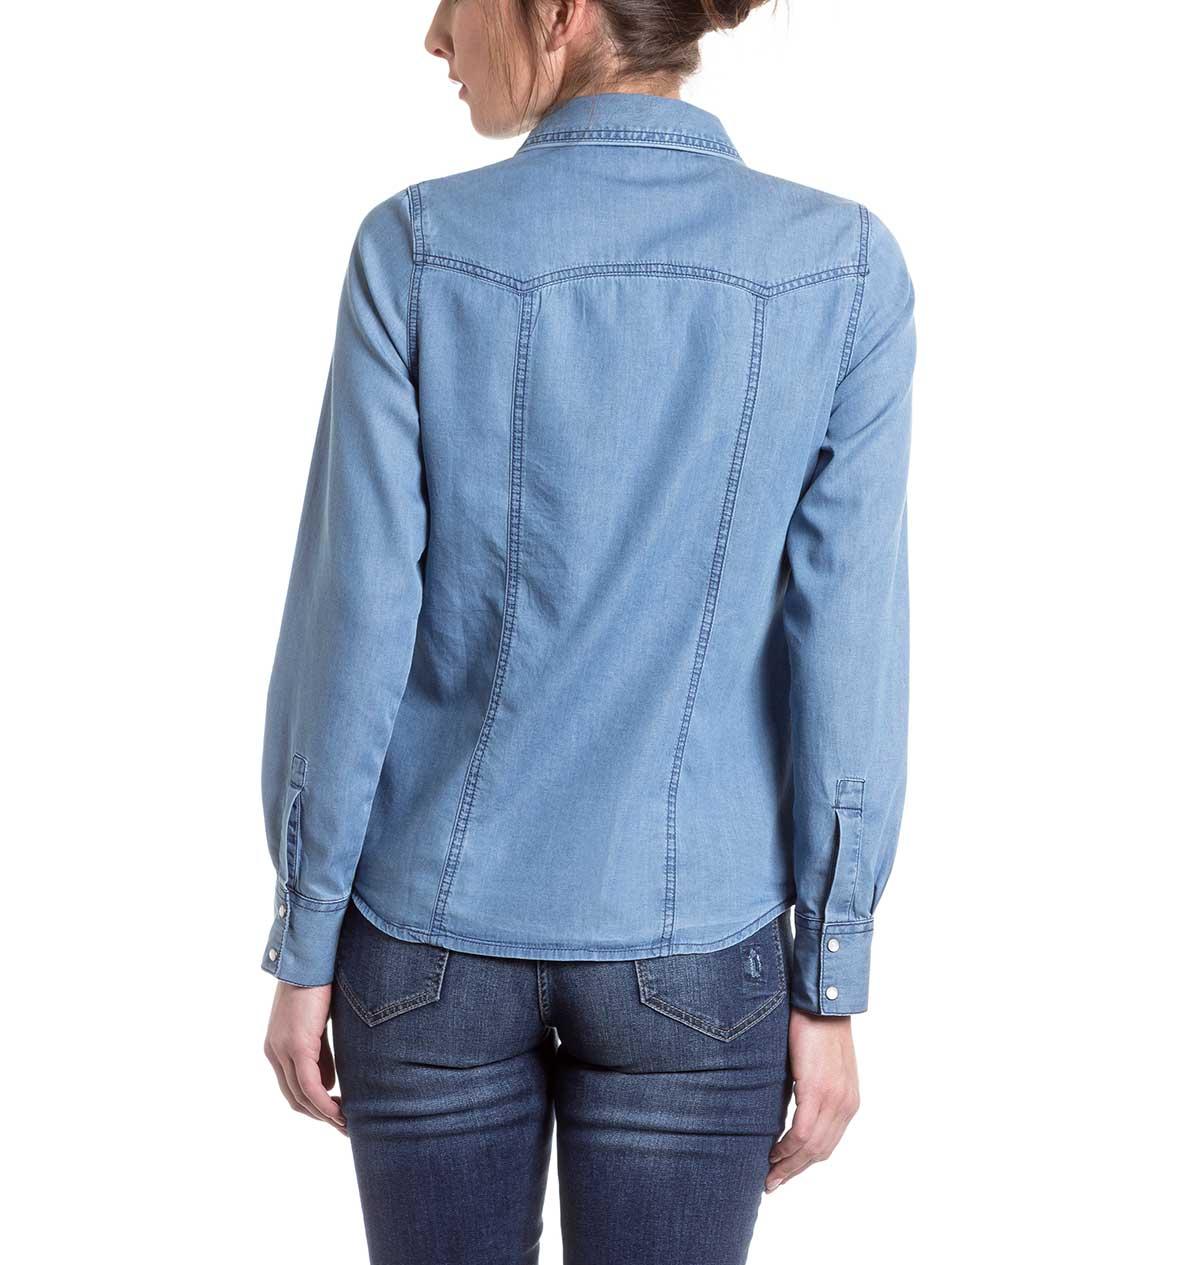 Blusas y camisas Blusa en vaqueros - azul – los mejores precios en C&A